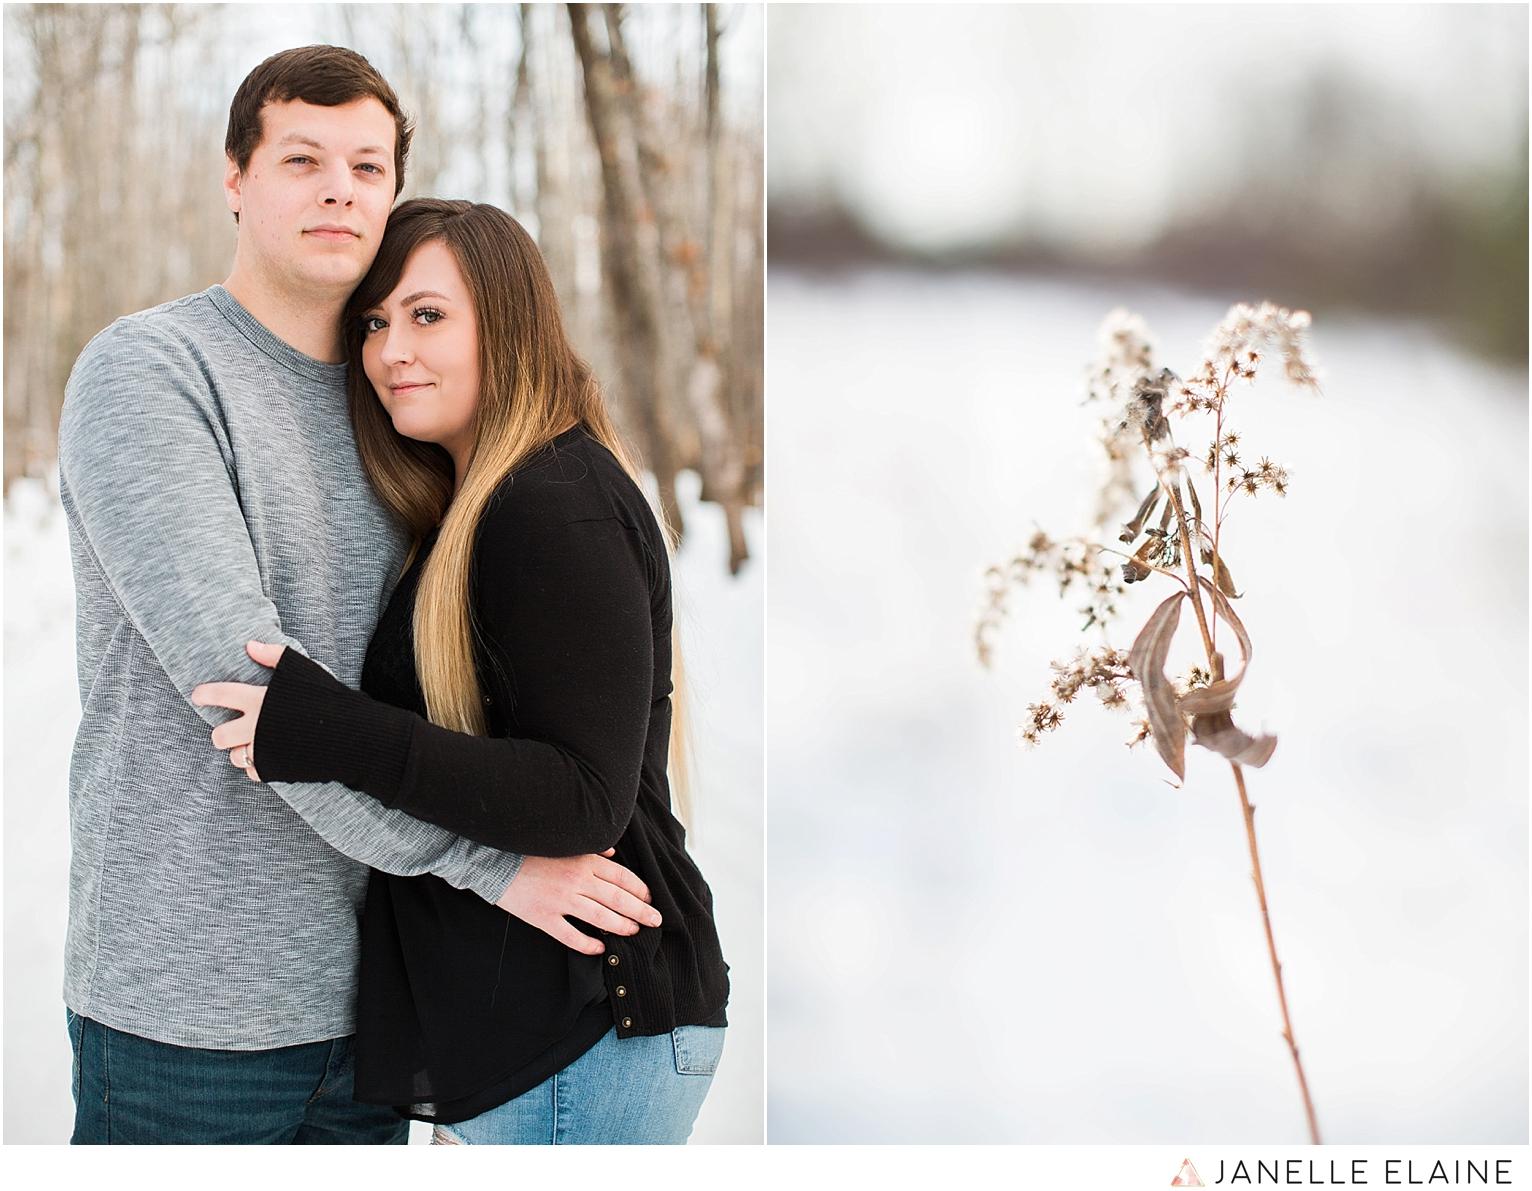 seattle-washington-engagement-photographers-janelle elaine-19.jpg